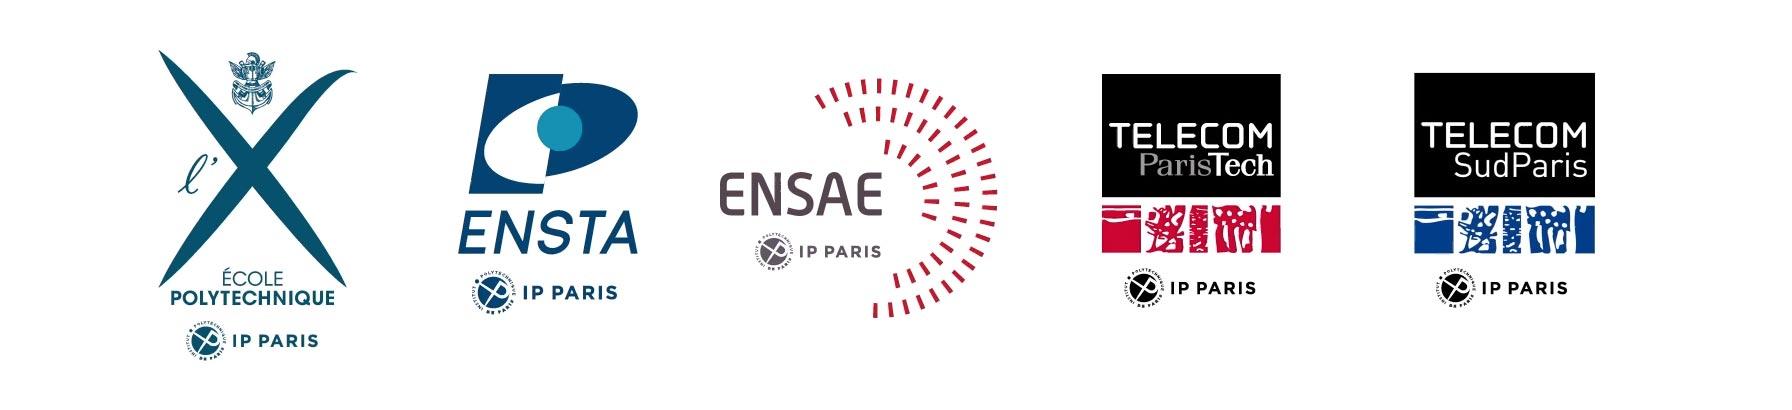 Les 5 écoles IP Paris : Polytechnique, ENSTA, ENSAE, Télécom ParisTech, Télécom SudParis